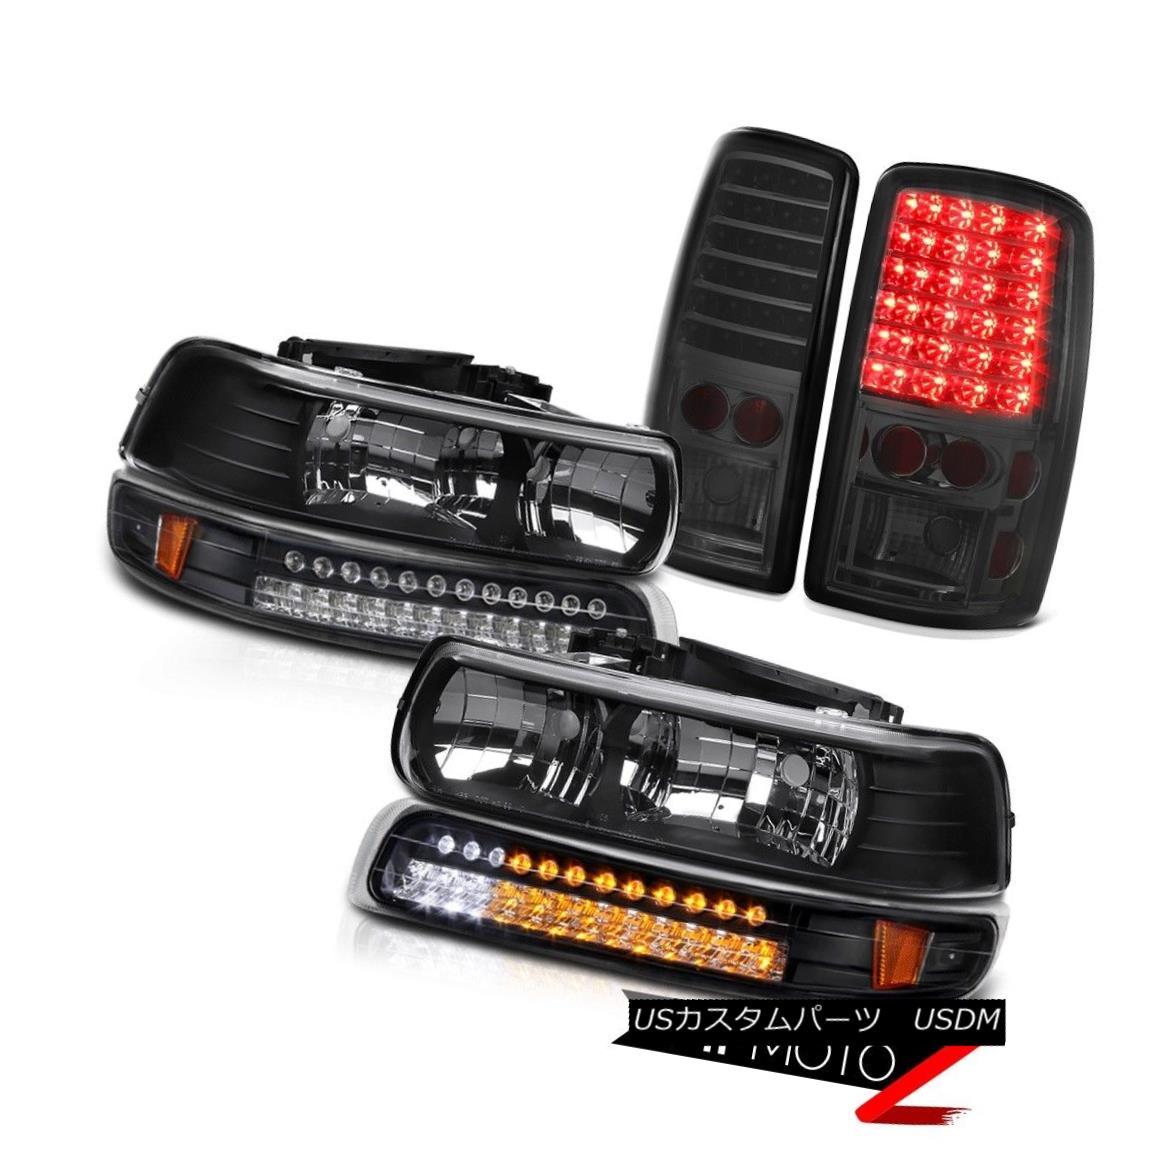 ヘッドライト 00 01 02 03 04 05 06 Suburban 1500 Black Headlights SMD Matte Signal Tail Lights 00 01 02 03 04 05 06郊外1500ブラックヘッドライトSMDマットシグナルテールライト